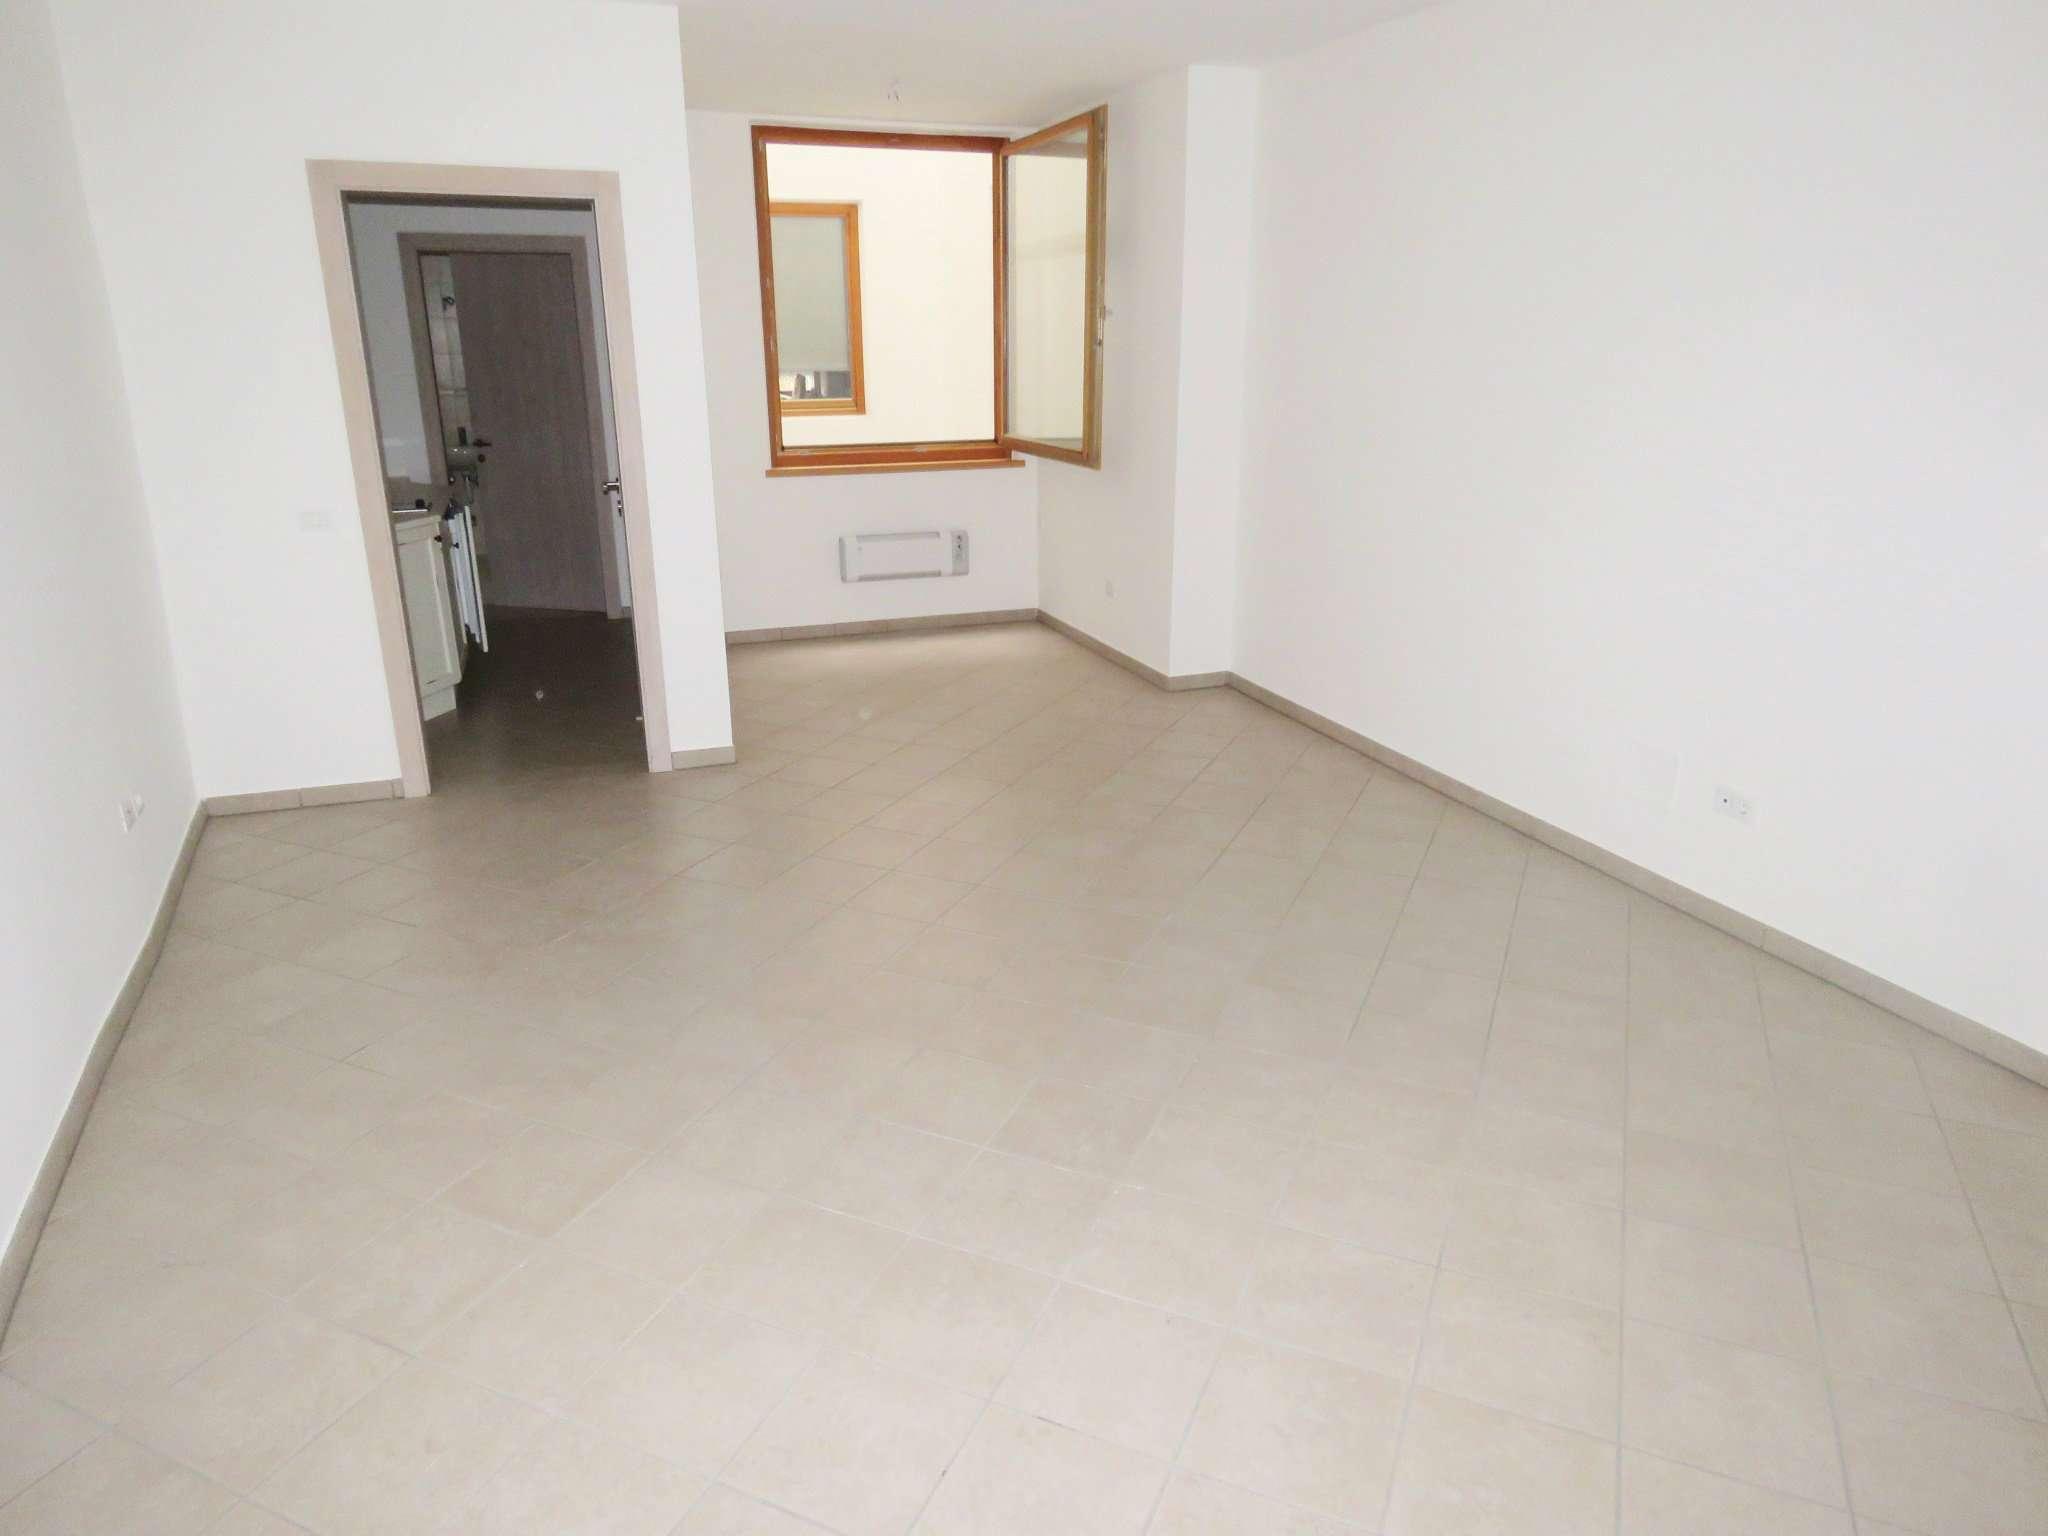 Appartamento ristrutturato in vendita Rif. 8975648